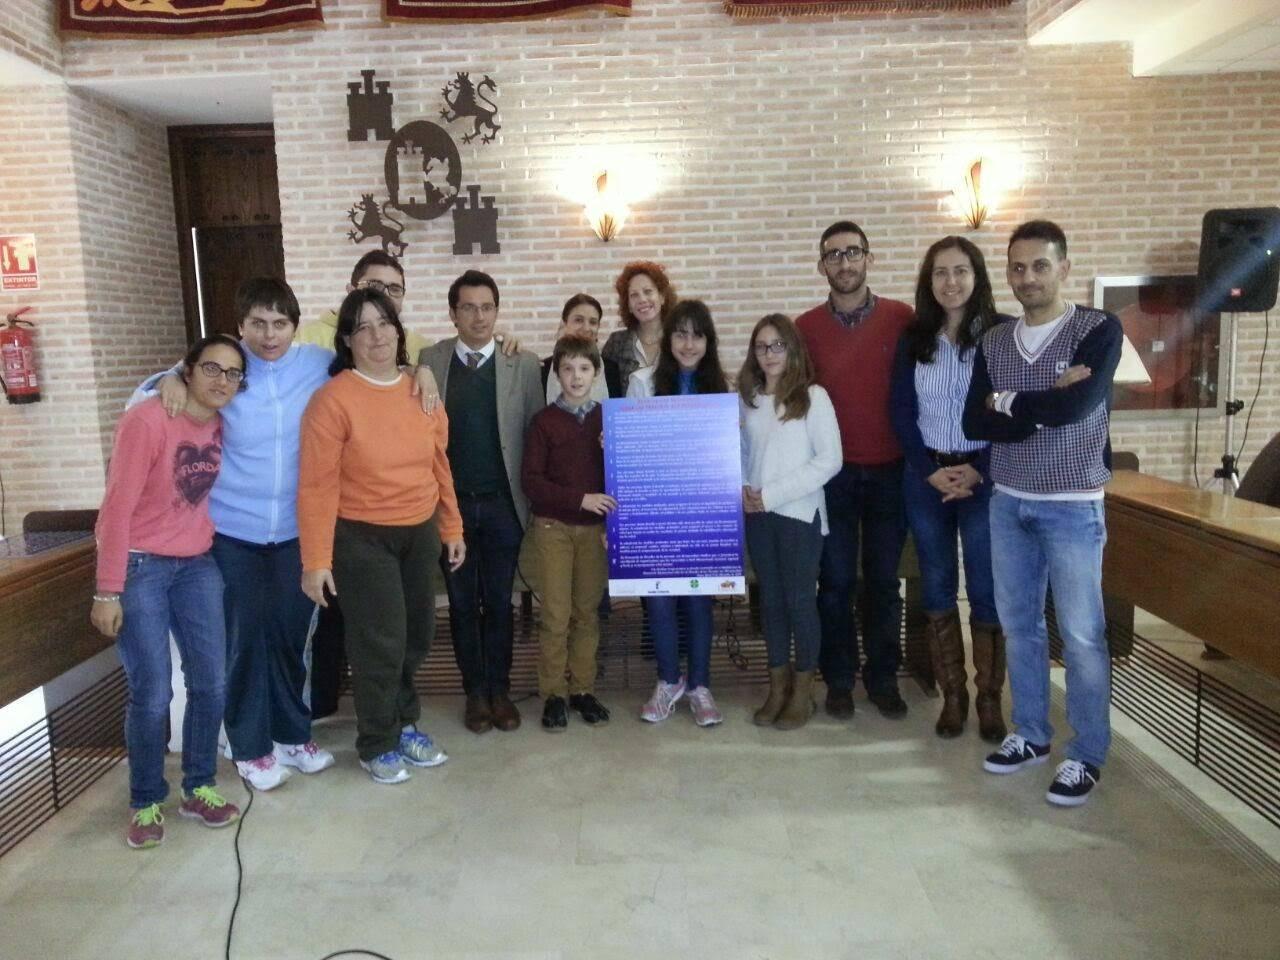 Laborvalía entrega decálogo reconocimiento al colegio Carrasco Alcalde